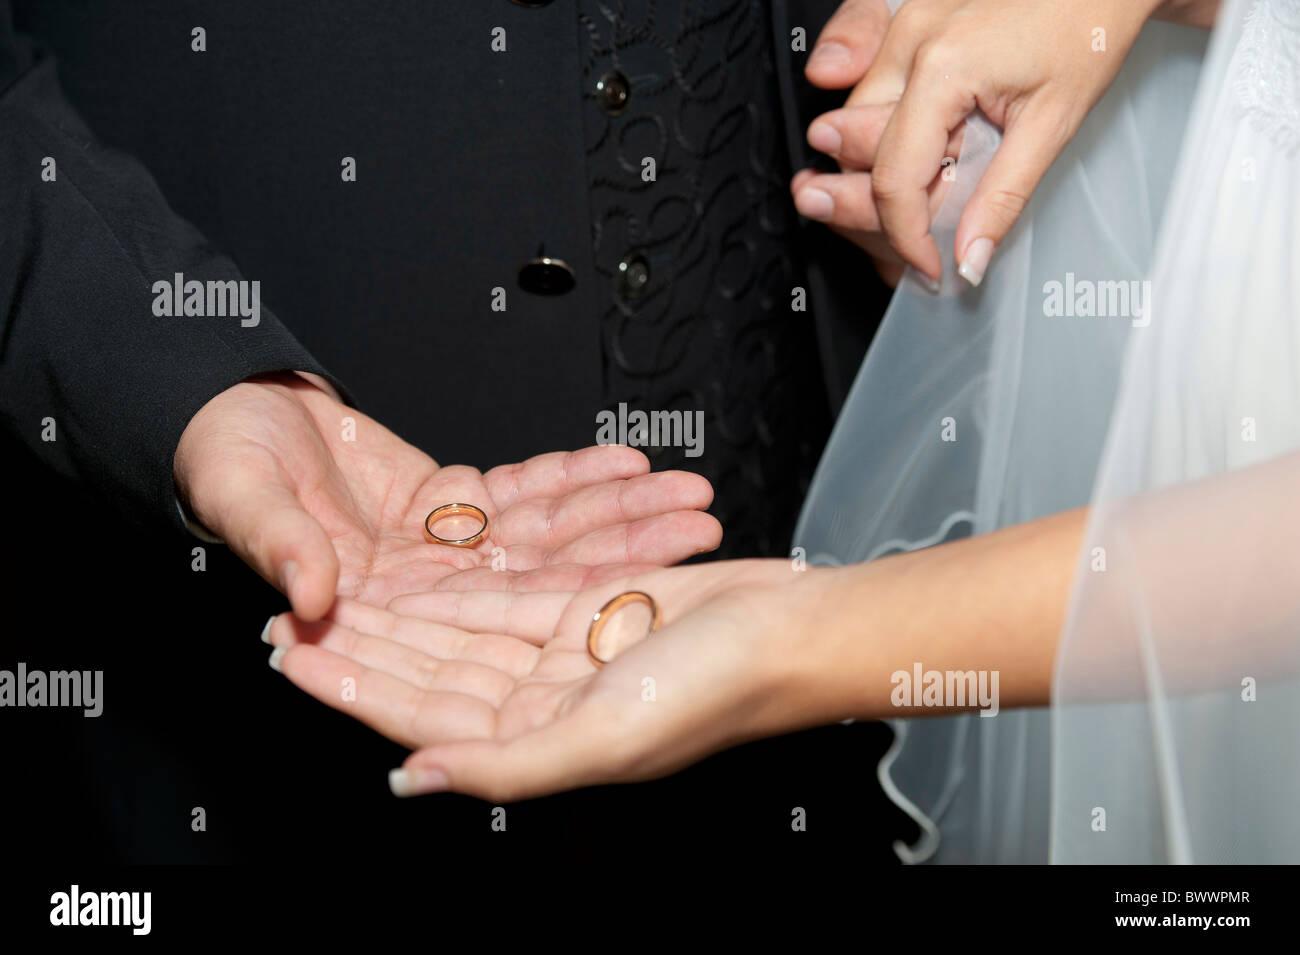 Exchanging wedding rings - Stock Image